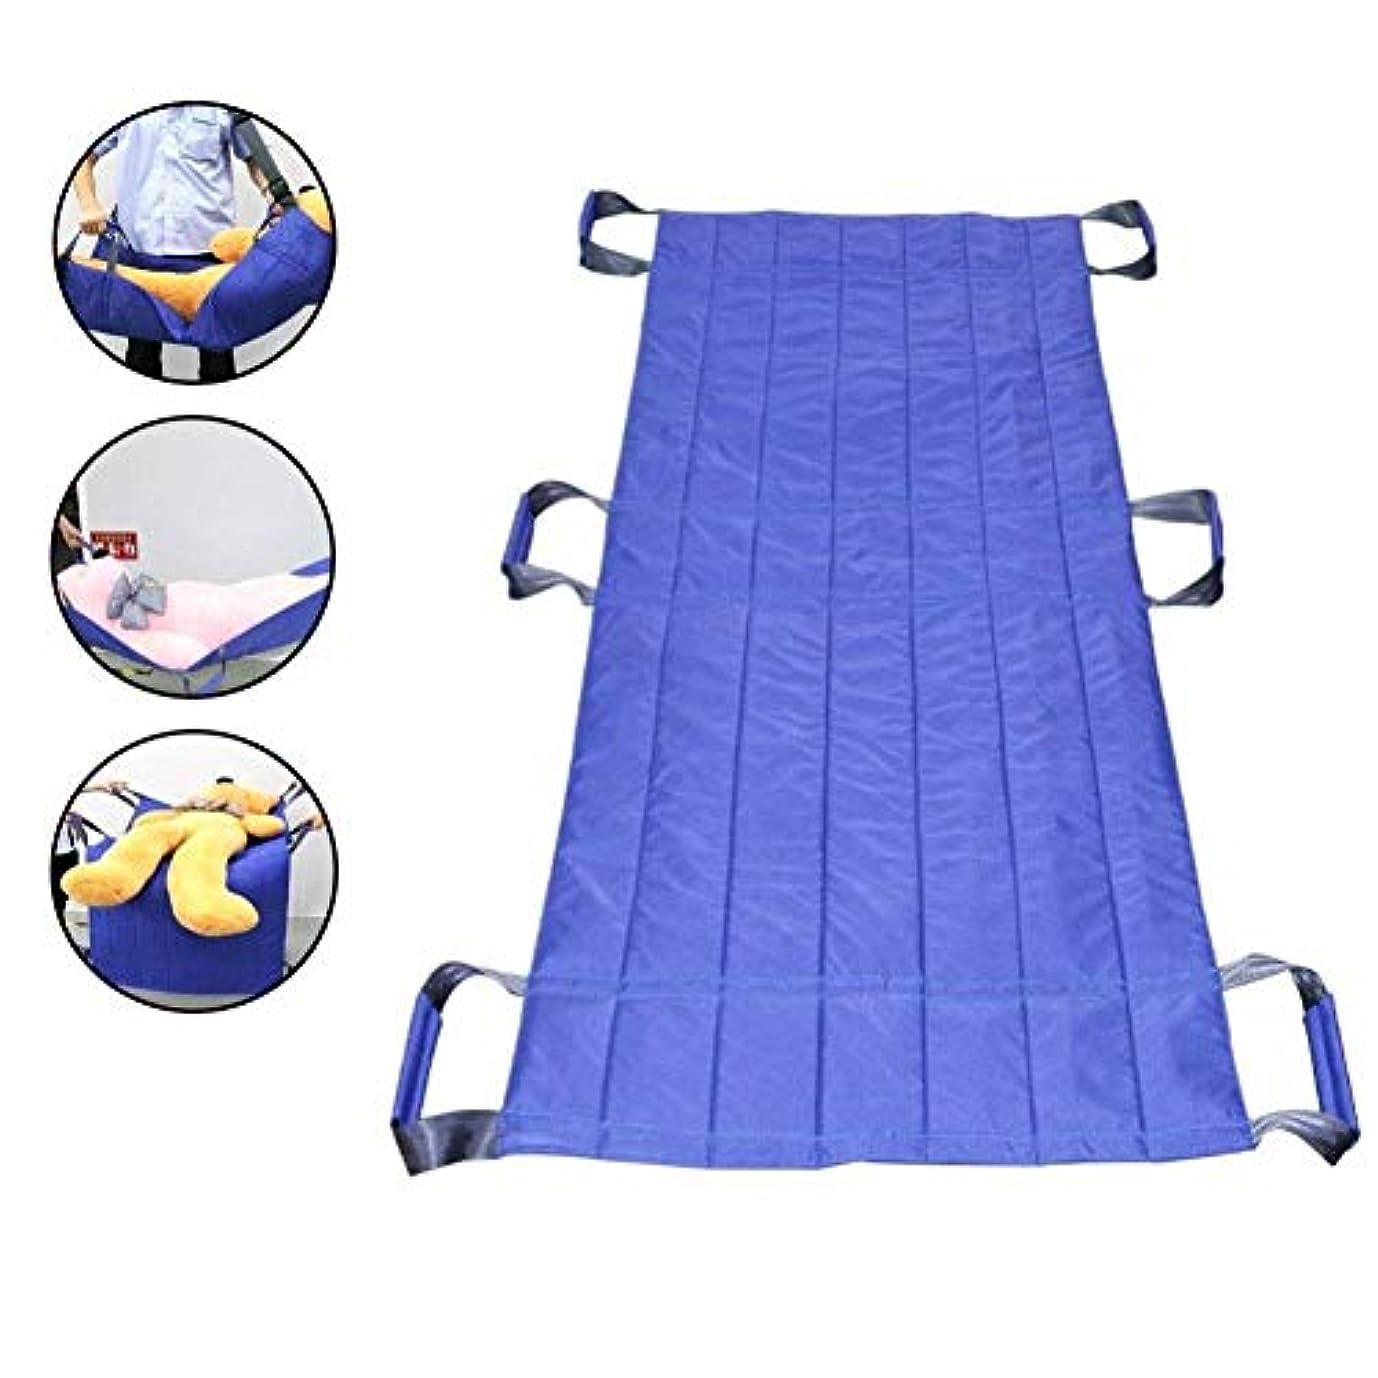 繊毛バンジョー孤独なトランスファーボードスライドベルト-患者リフトベッド支援デバイス-患者輸送リフトスリング-位置決めベッドパッド